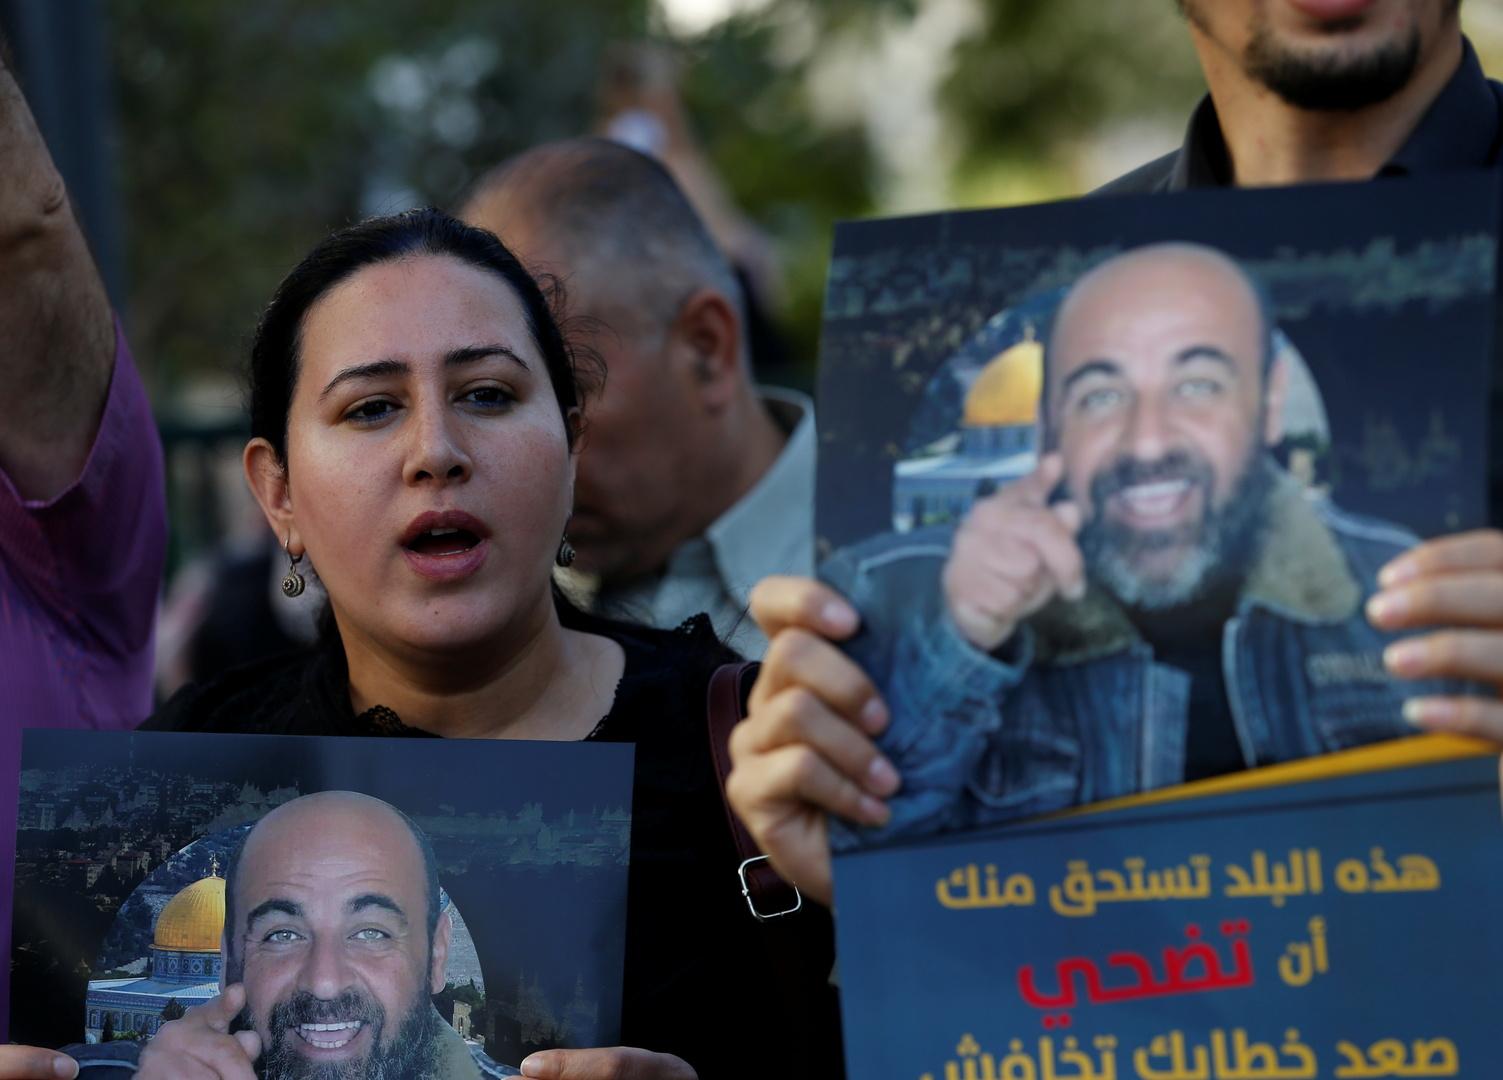 المؤسسة الأمنية الفلسطينية: نتحمل المسؤولية الكاملة عن وفاة نزار بنات أثناء الاعتقال